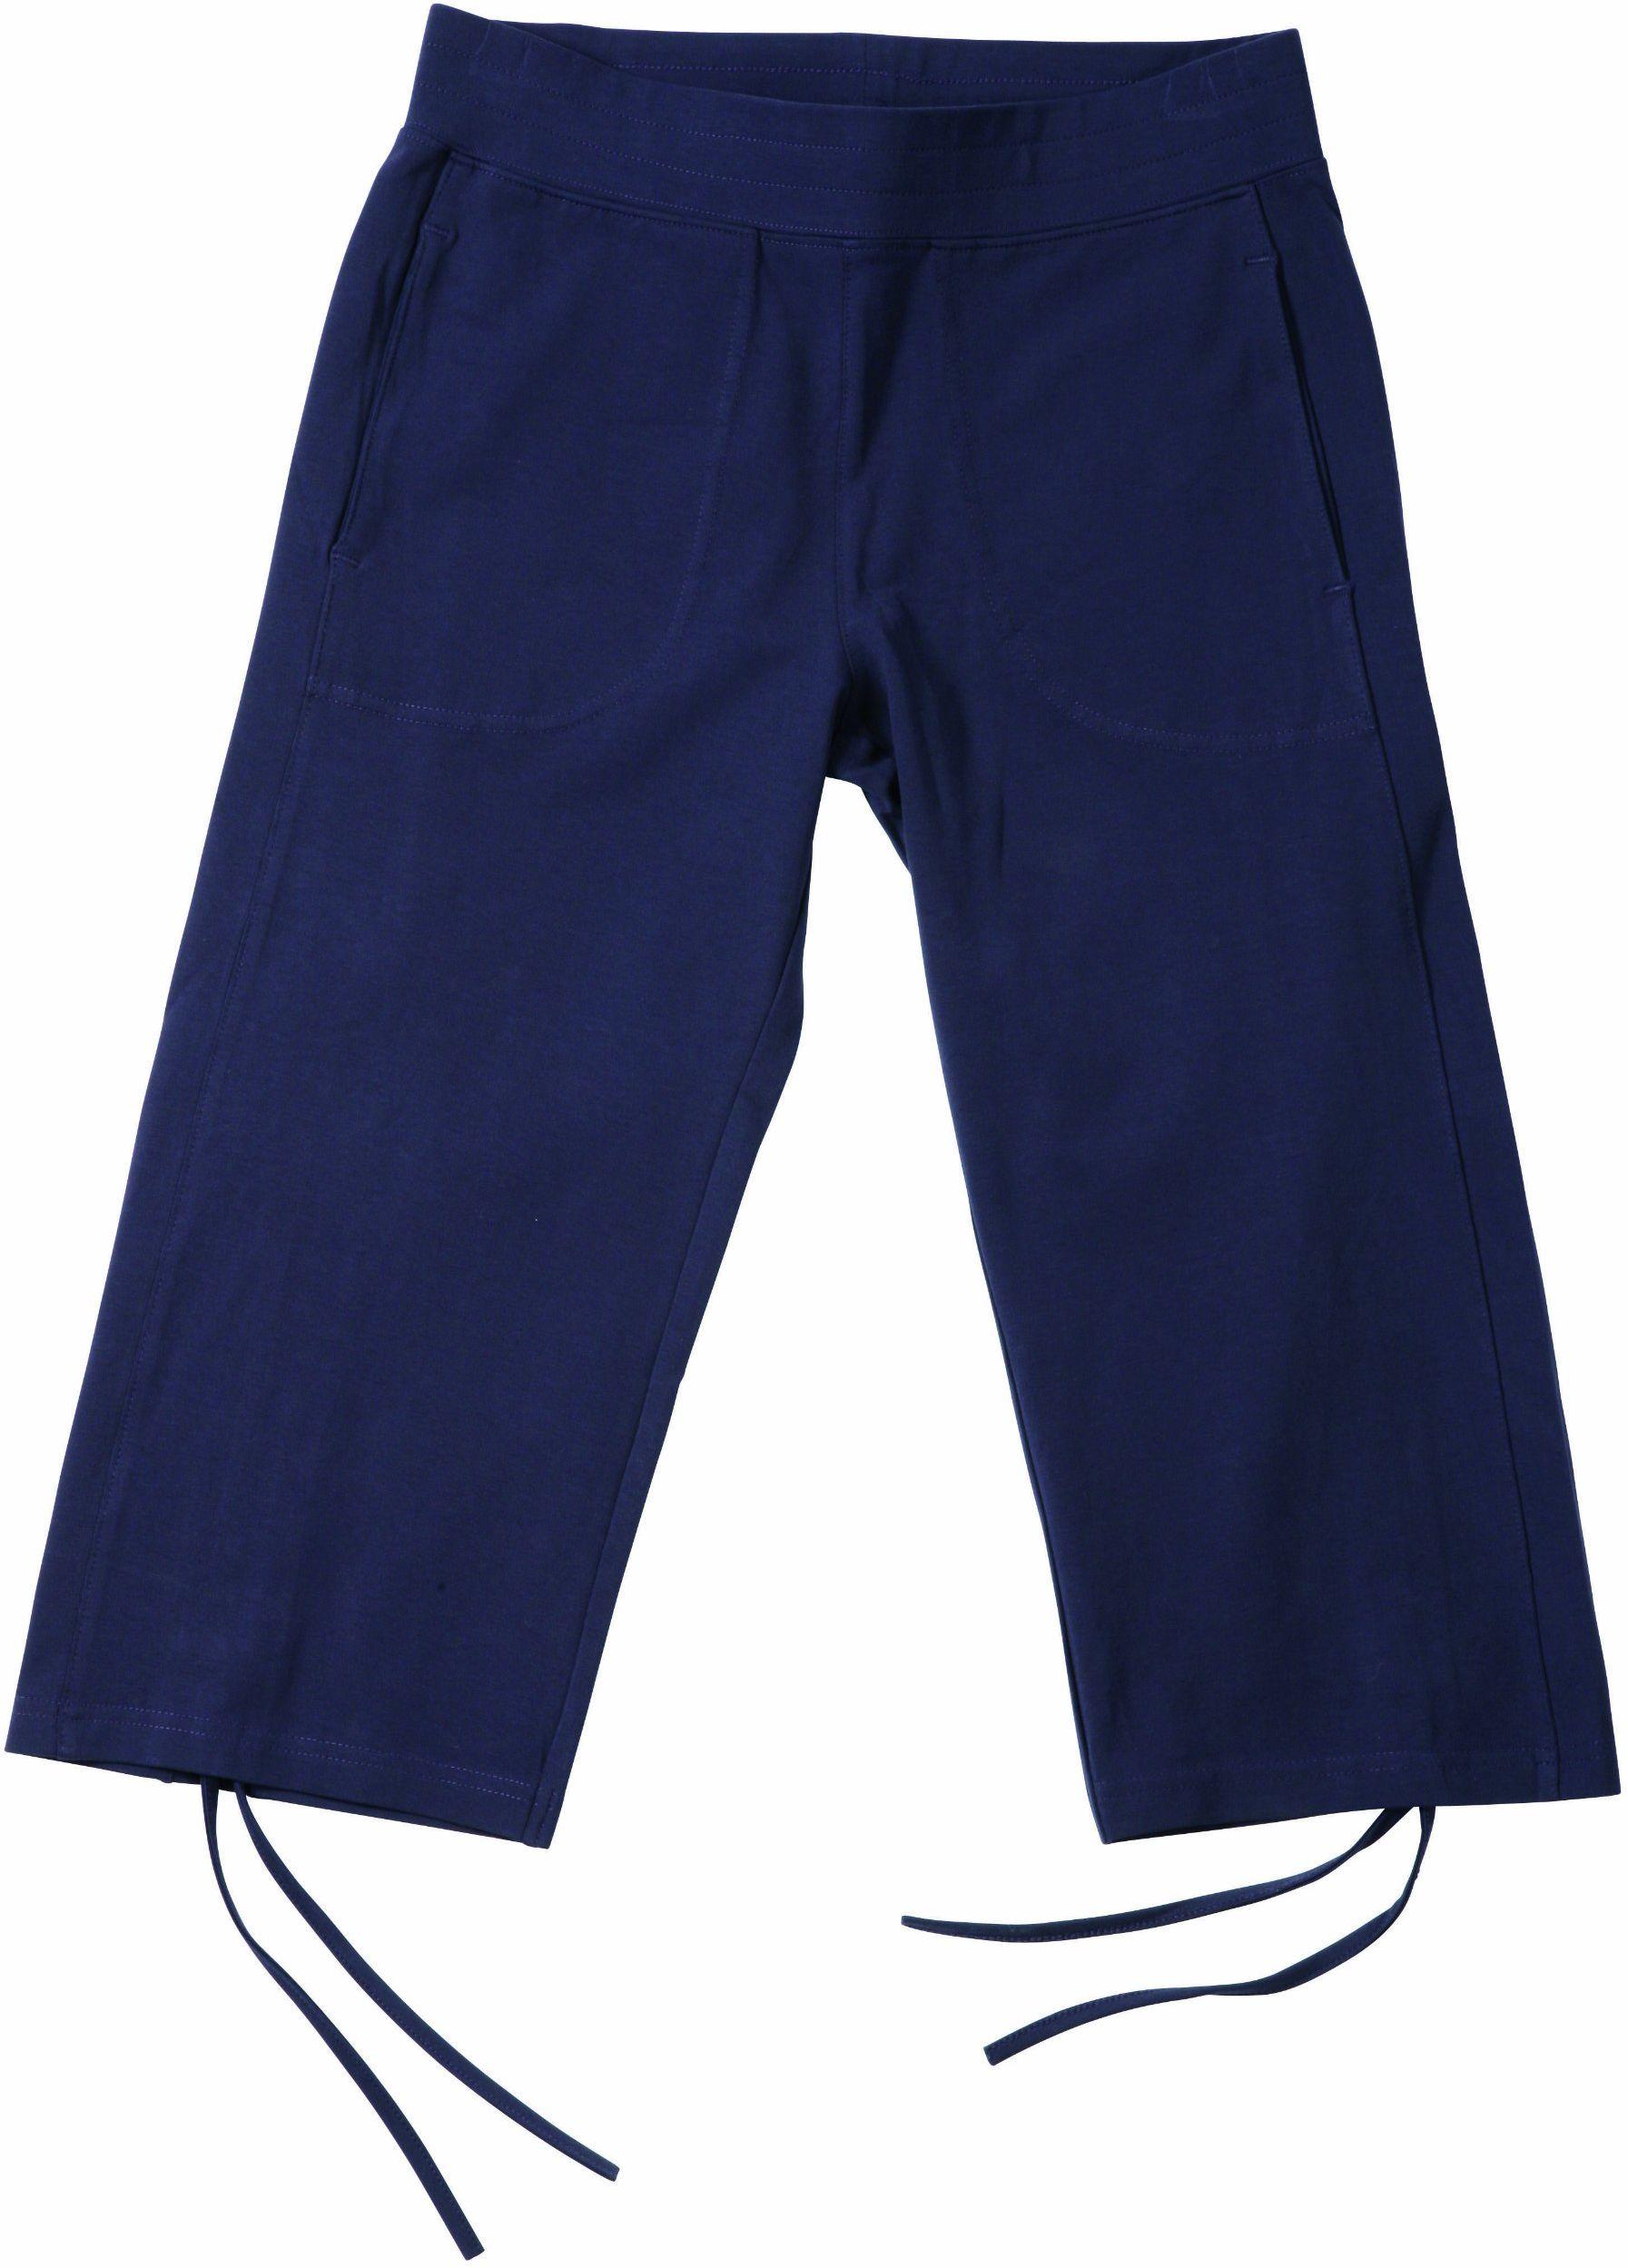 James & Nicholson Damskie spodnie fitness capri - czerwone, L